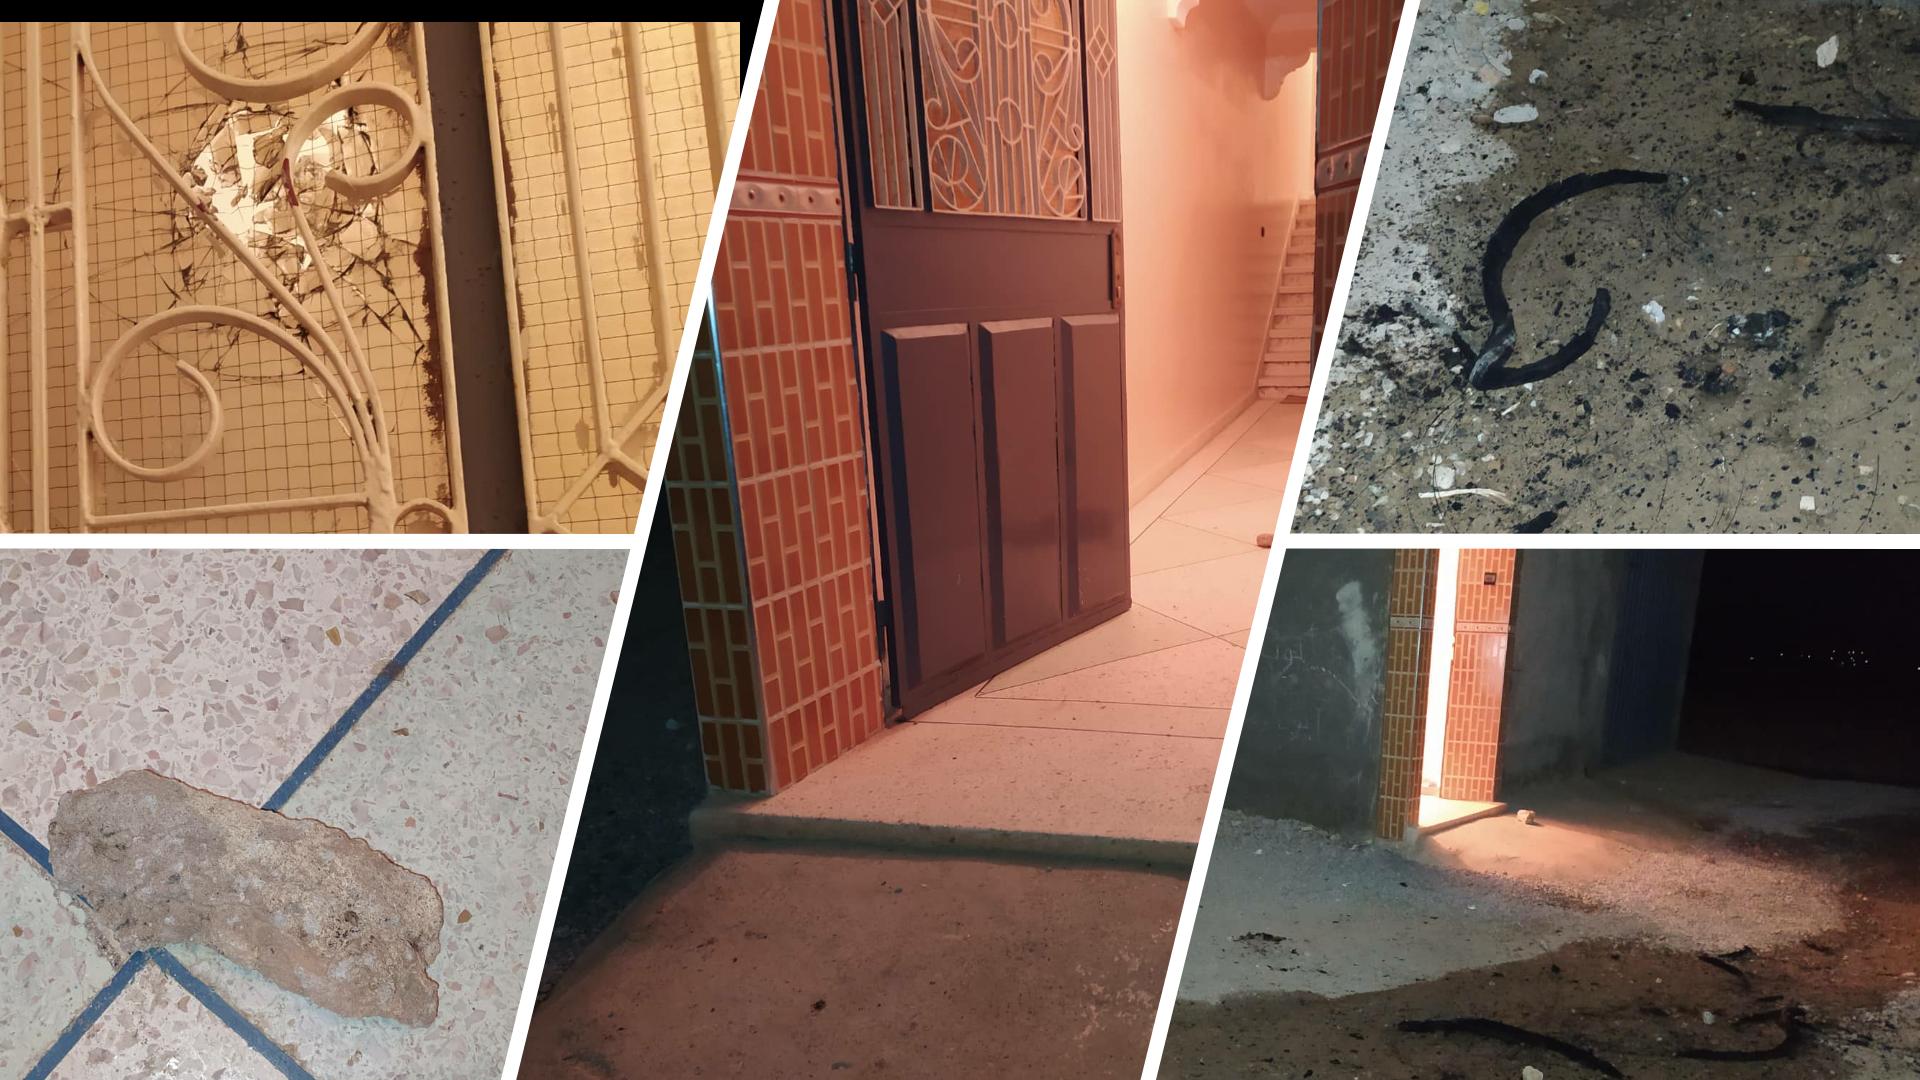 أولاد جرار : شخص يقدم على إعتداء شنيع في حق عائلة ويضرم النار أمام منزلها